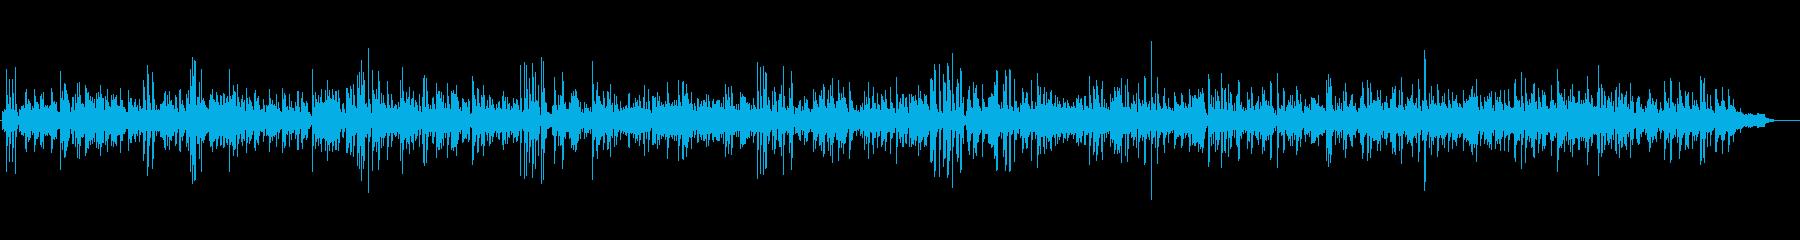 高級店で流れてそうなジャズピアノBGMの再生済みの波形